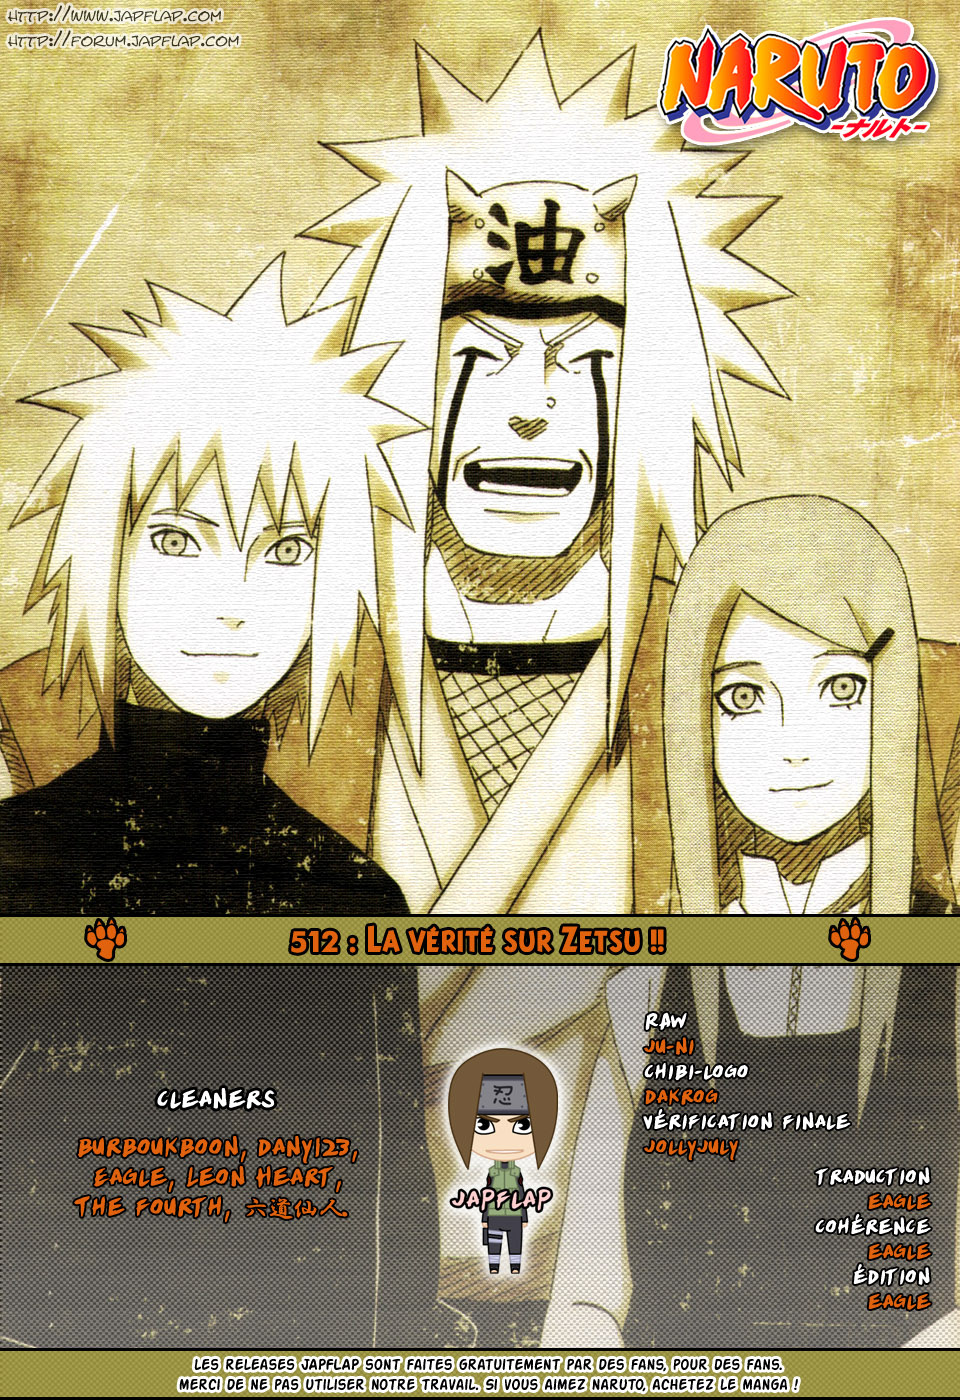 Naruto chapitre 512 - Page 16